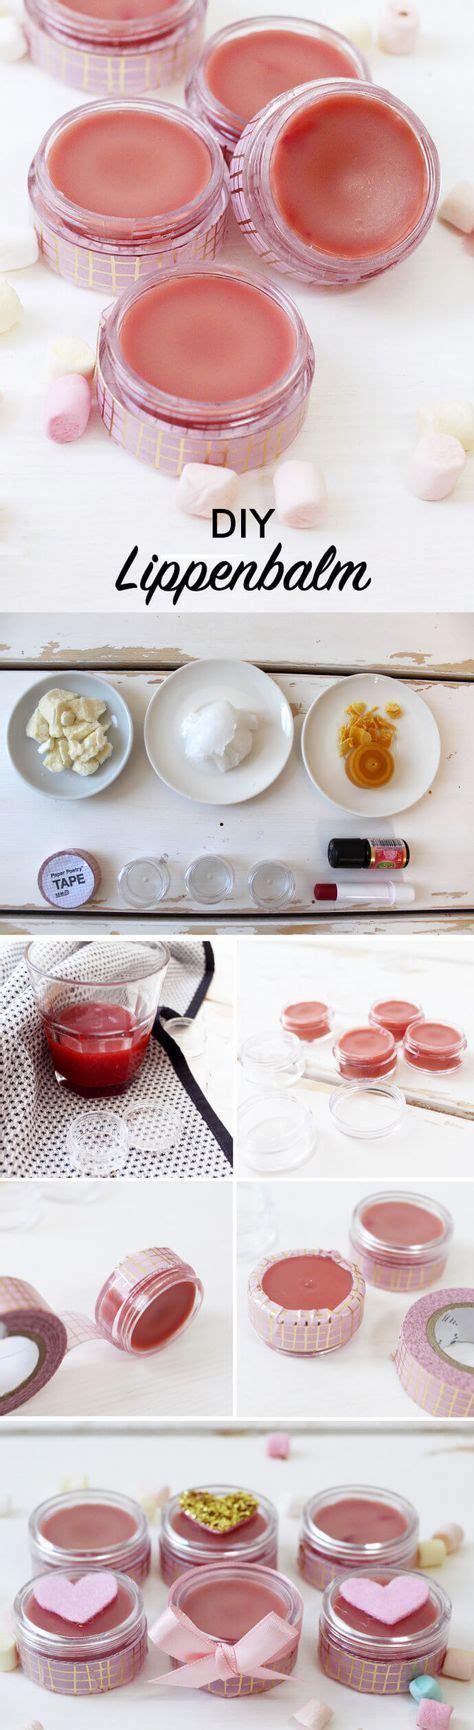 valentinstag geschenke selber machen für männer diy lippenbalsam aus sheabutter selber machen tolle geschenkidee diy kosmetik diy